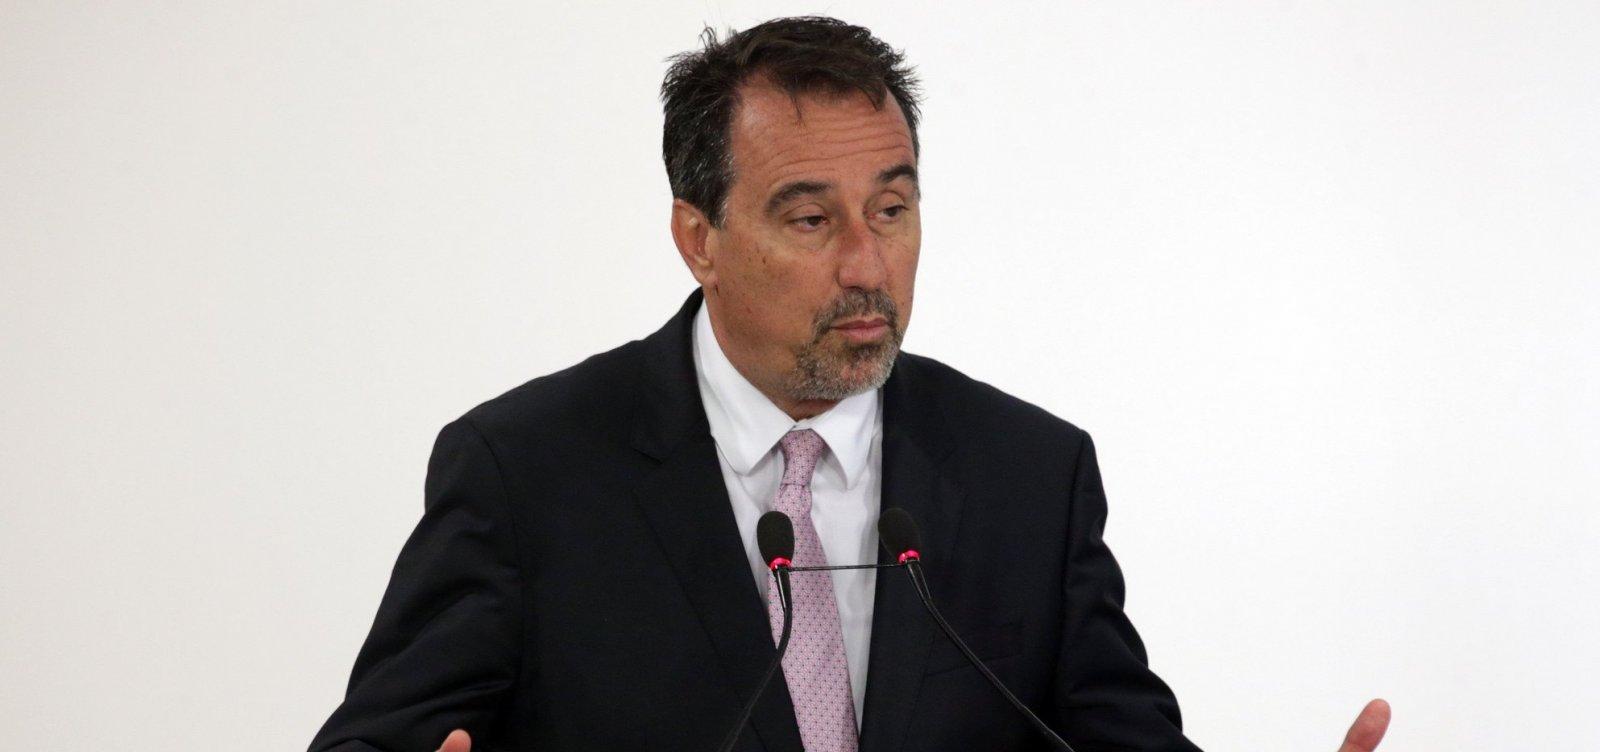 Occhi processa Caixa e secretária-executiva do Ministério da Fazenda